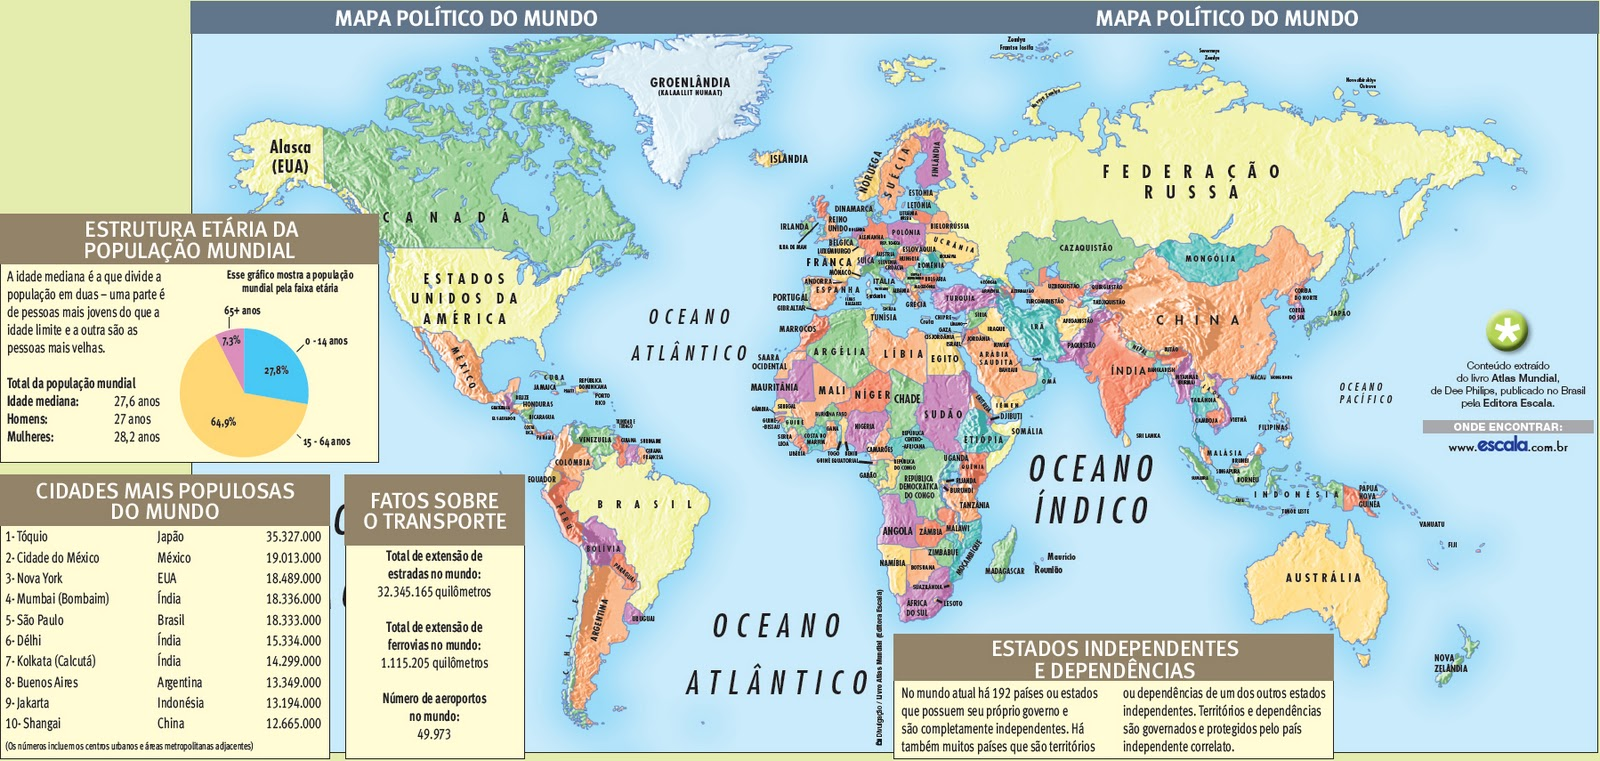 um blog contempor u00e2neo  o mapa pol u00edtico do mundo